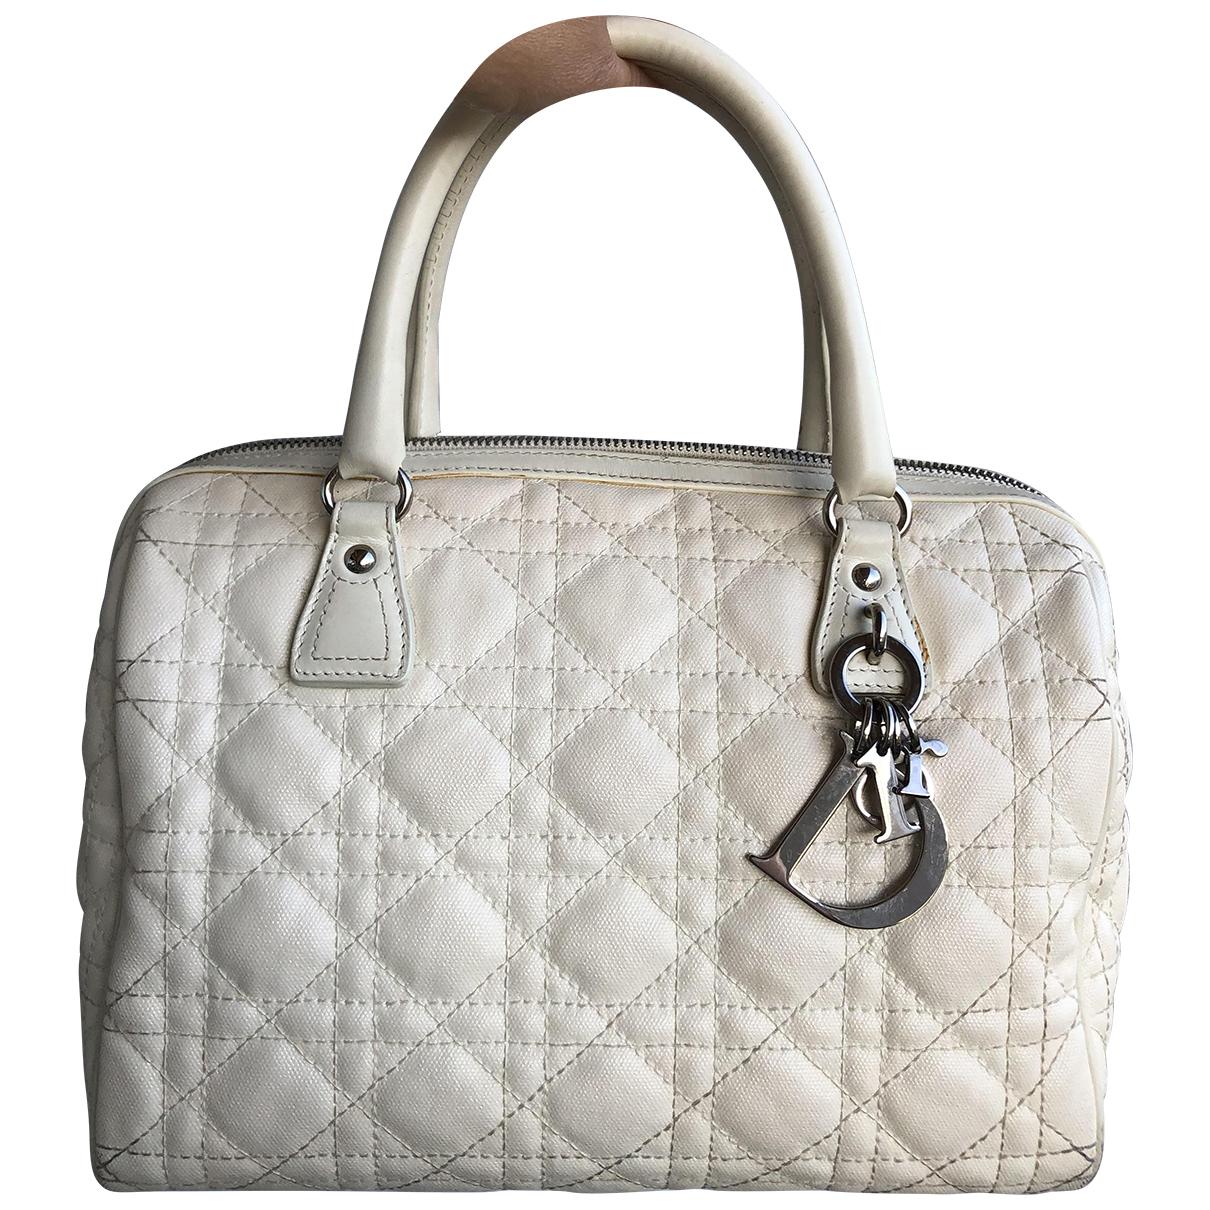 Dior - Sac a main   pour femme en toile - blanc